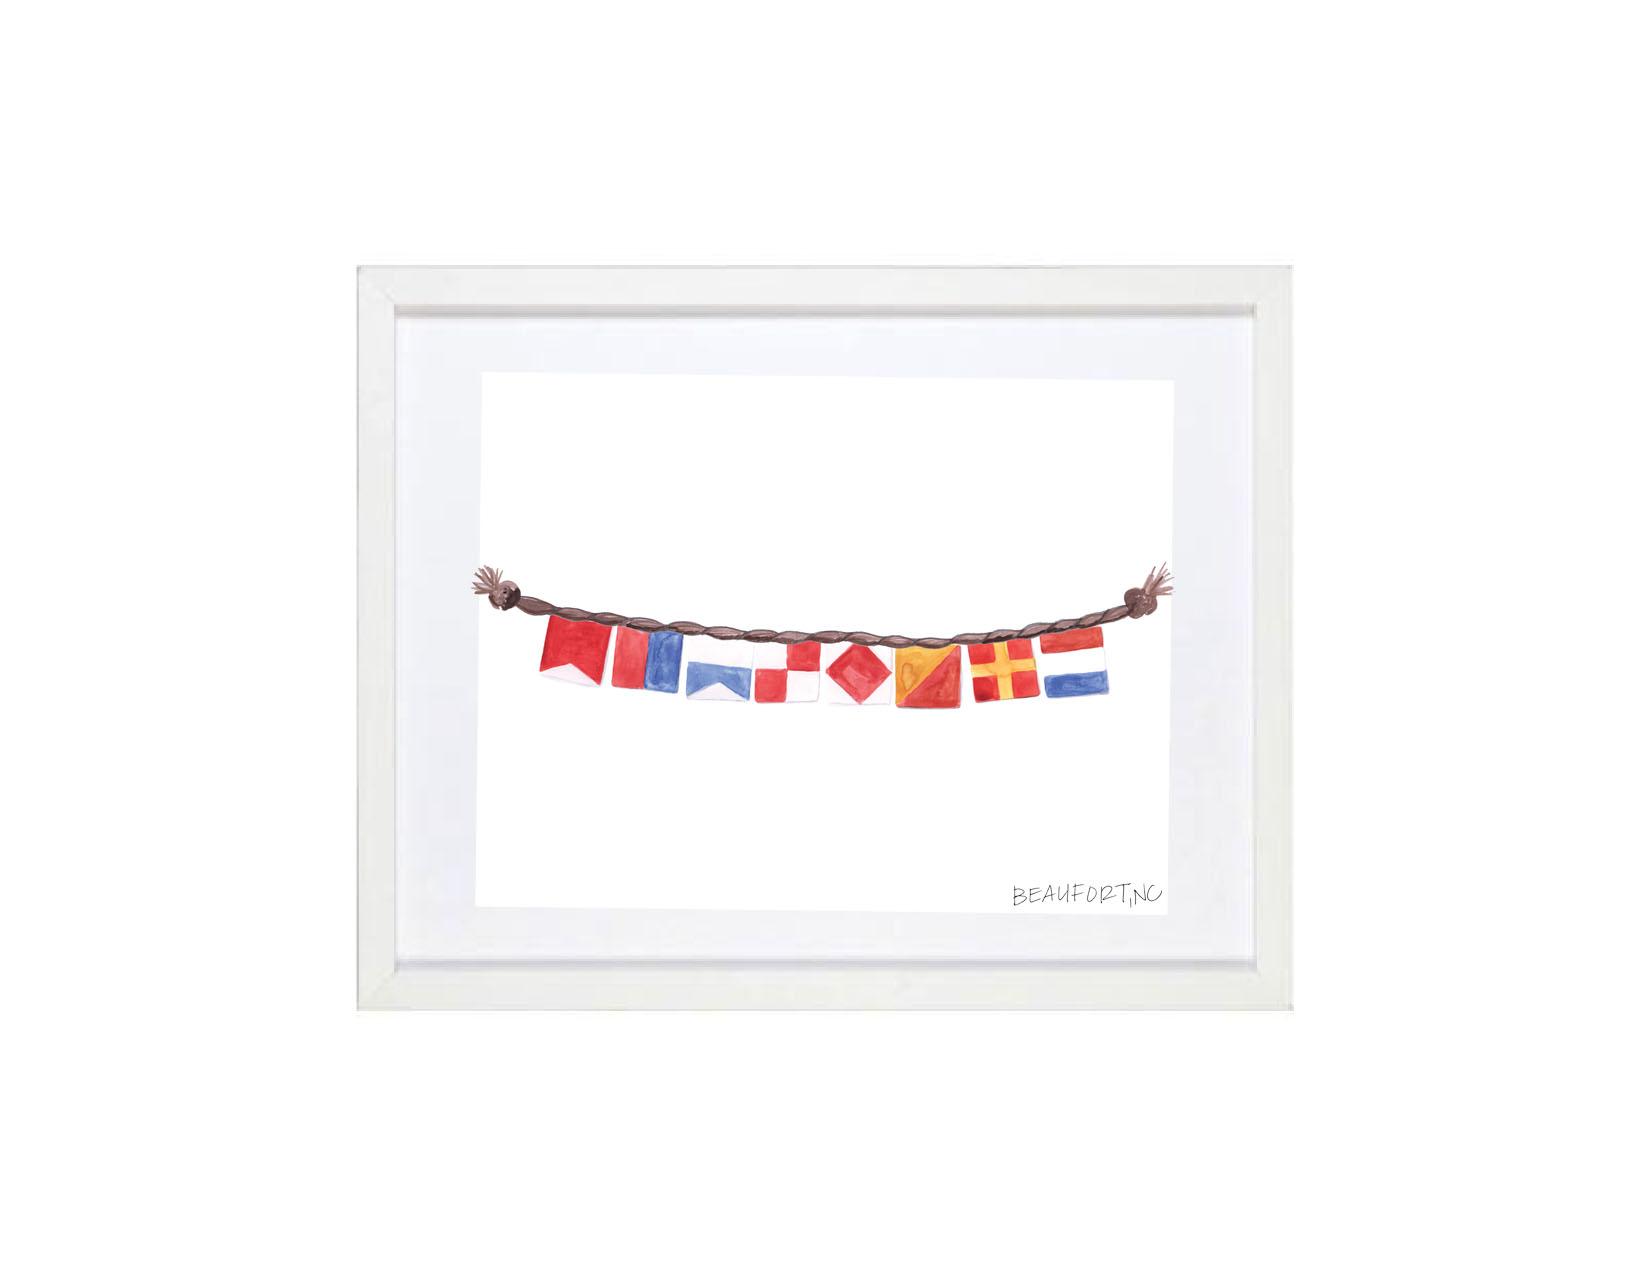 beaufort-flags-8x10-framed